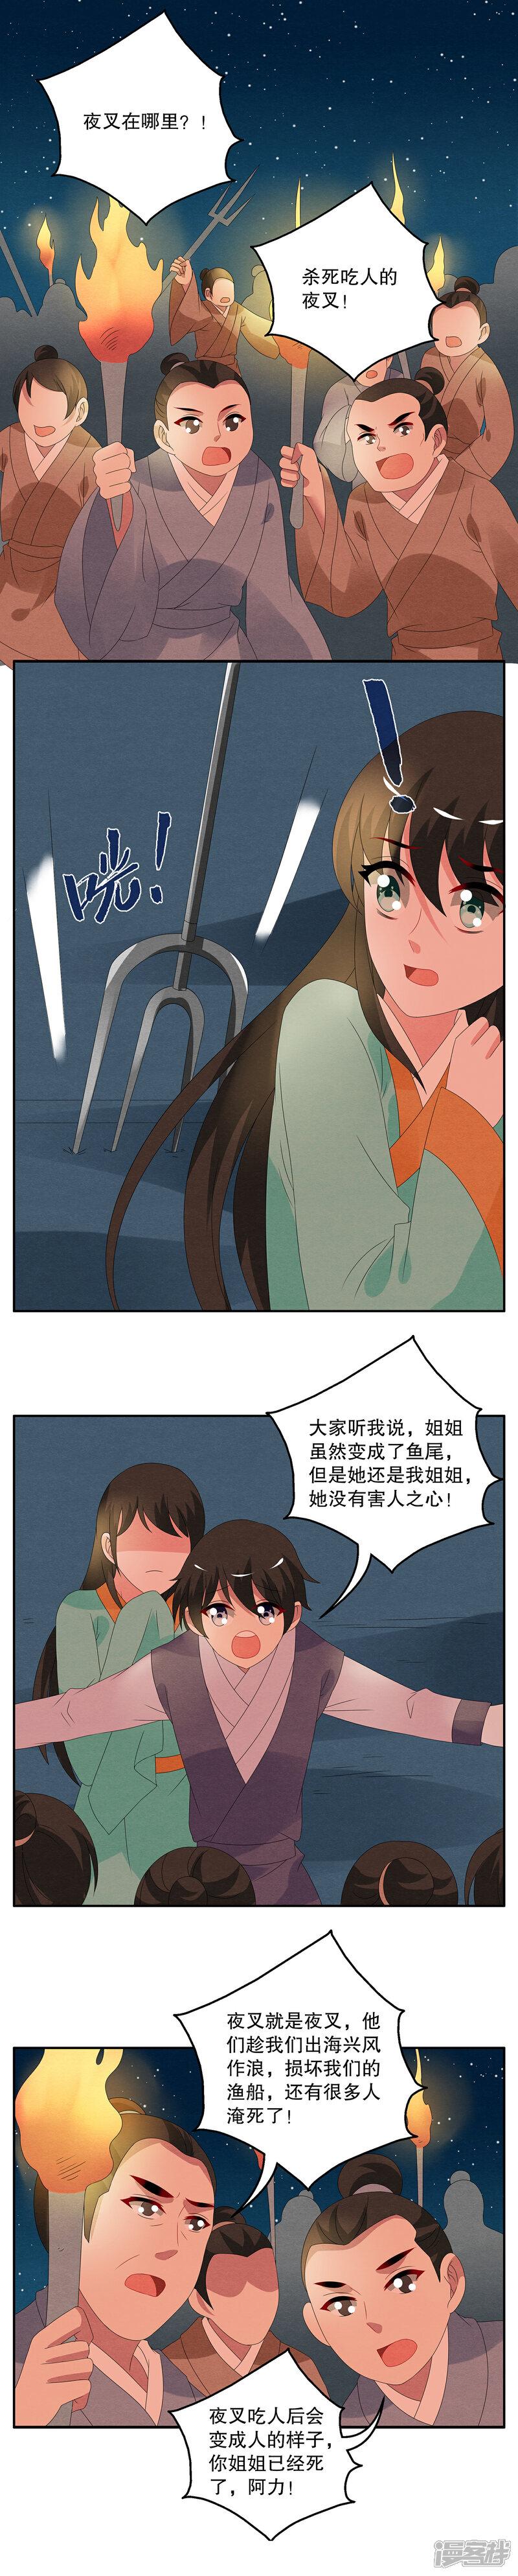 洛小妖85860009.JPG